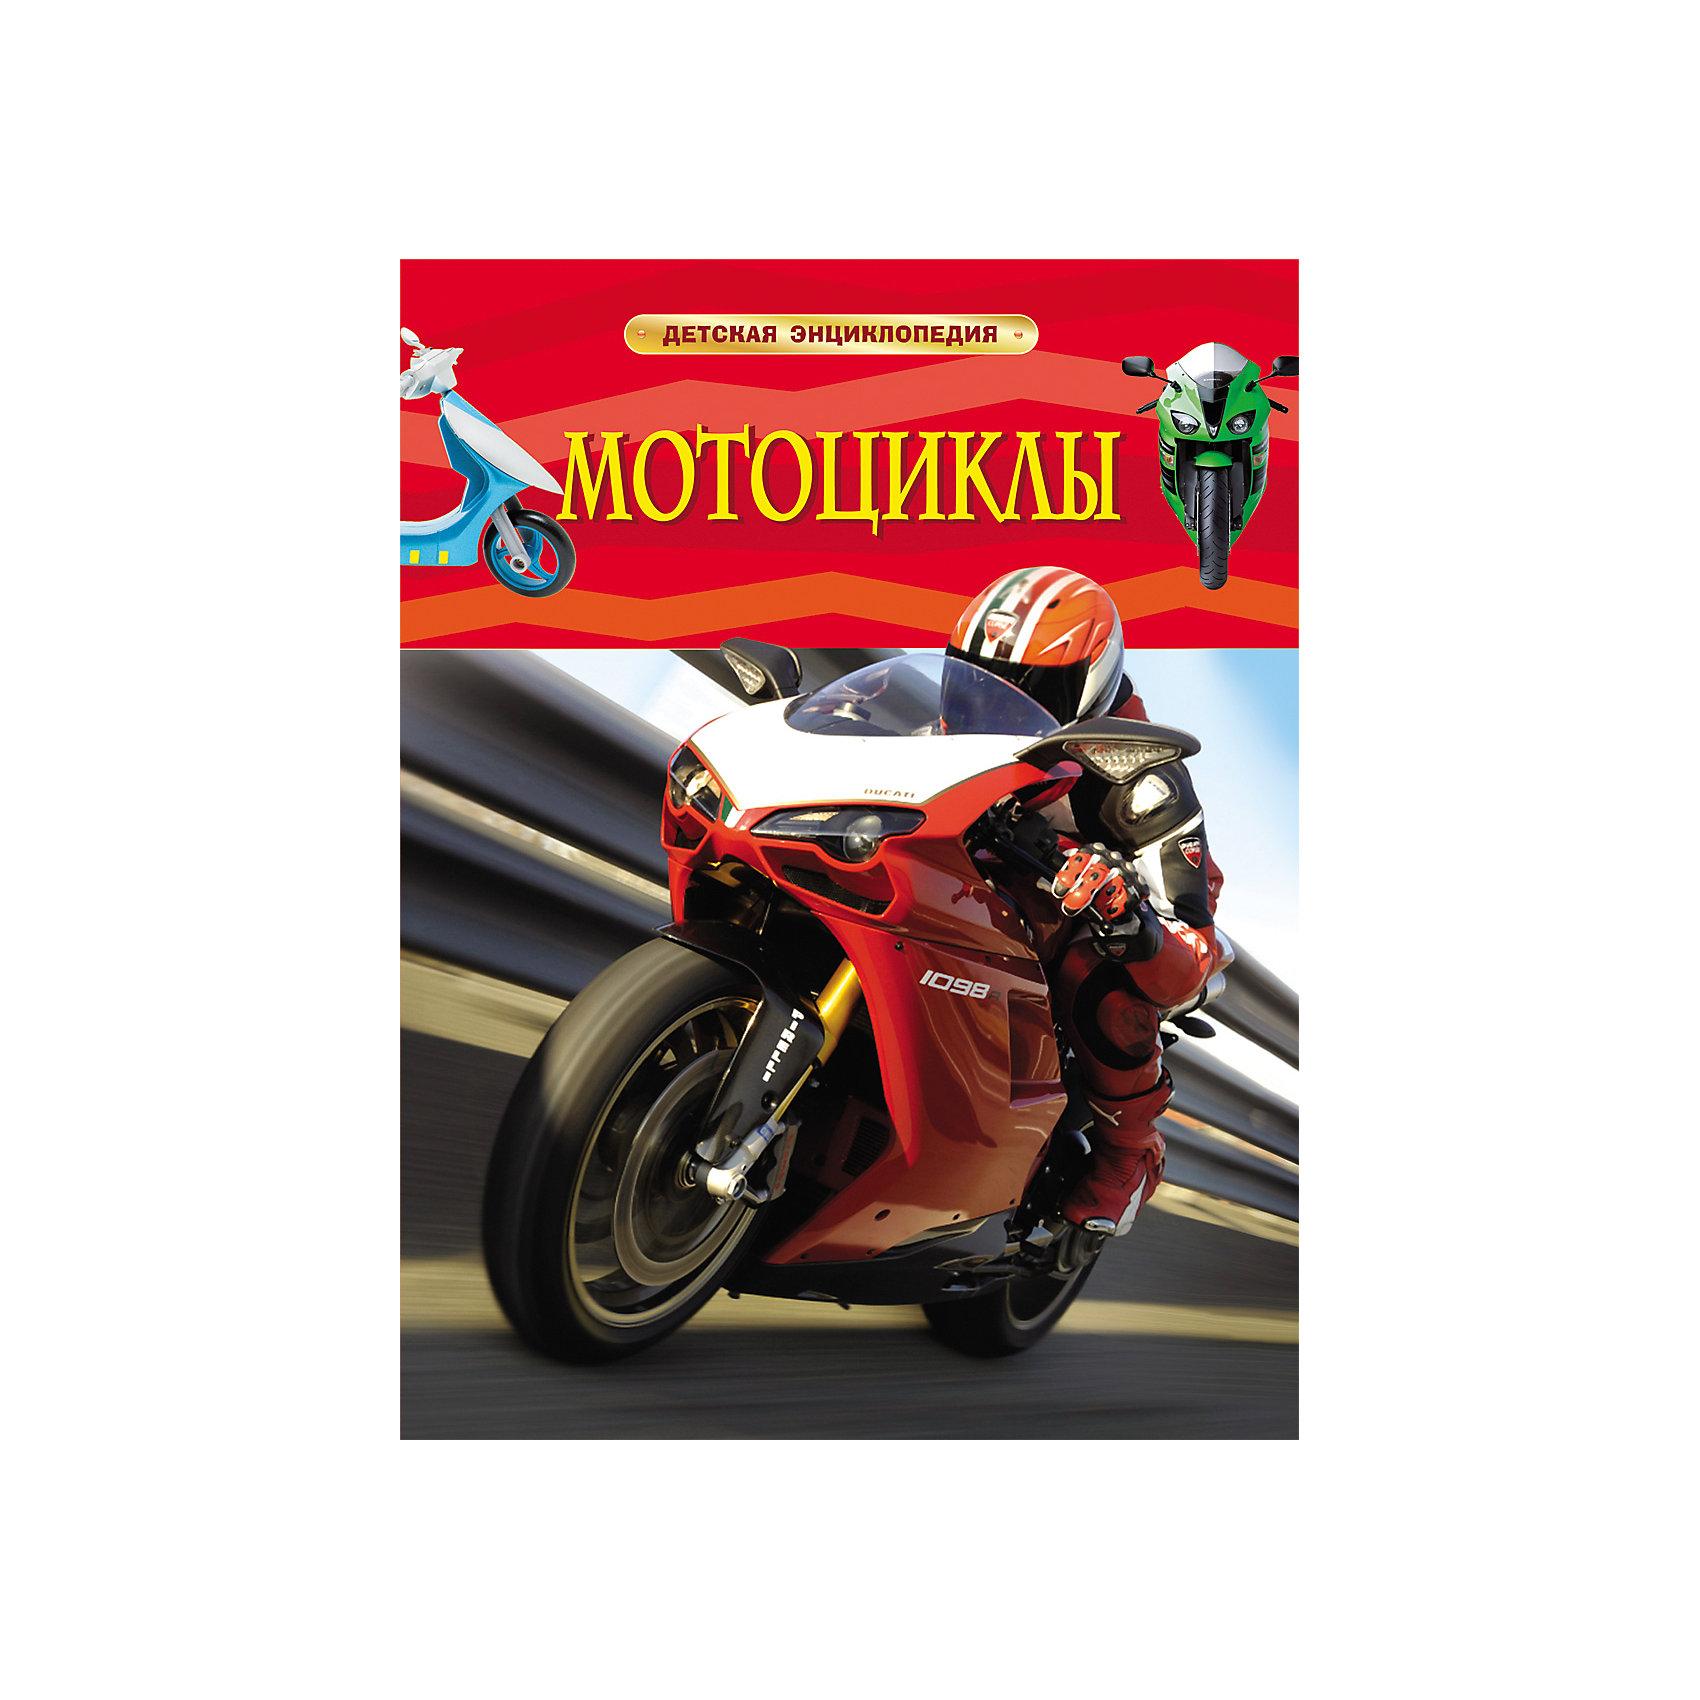 Мотоциклы, Детская энциклопедияЭнциклопедии техники<br>Характеристики товара:<br><br>- цвет: разноцветный;<br>- материал: бумага;<br>- страниц: 48;<br>- формат: 20 x 26 см;<br>- обложка: твердая;<br>- цветные иллюстрации.<br><br>Эта интересная книга с иллюстрациями станет отличным подарком для ребенка. Она содержит в себе ответы на вопросы, которые интересуют малышей. Всё представлено в очень простой форме! Талантливый иллюстратор дополнил книгу качественными рисунками, которые помогают ребенку понять суть многих вещей в нашем мире. Удивительные и интересные факты помогут привить любовь к учебе!<br>Чтение - отличный способ активизации мышления, оно помогает ребенку развивать зрительную память, концентрацию внимания и воображение. Издание произведено из качественных материалов, которые безопасны даже для самых маленьких.<br><br>Книгу Мотоциклы, Детская энциклопедия от компании Росмэн можно купить в нашем интернет-магазине.<br><br>Ширина мм: 265<br>Глубина мм: 205<br>Высота мм: 5<br>Вес г: 339<br>Возраст от месяцев: 60<br>Возраст до месяцев: 84<br>Пол: Унисекс<br>Возраст: Детский<br>SKU: 5109970